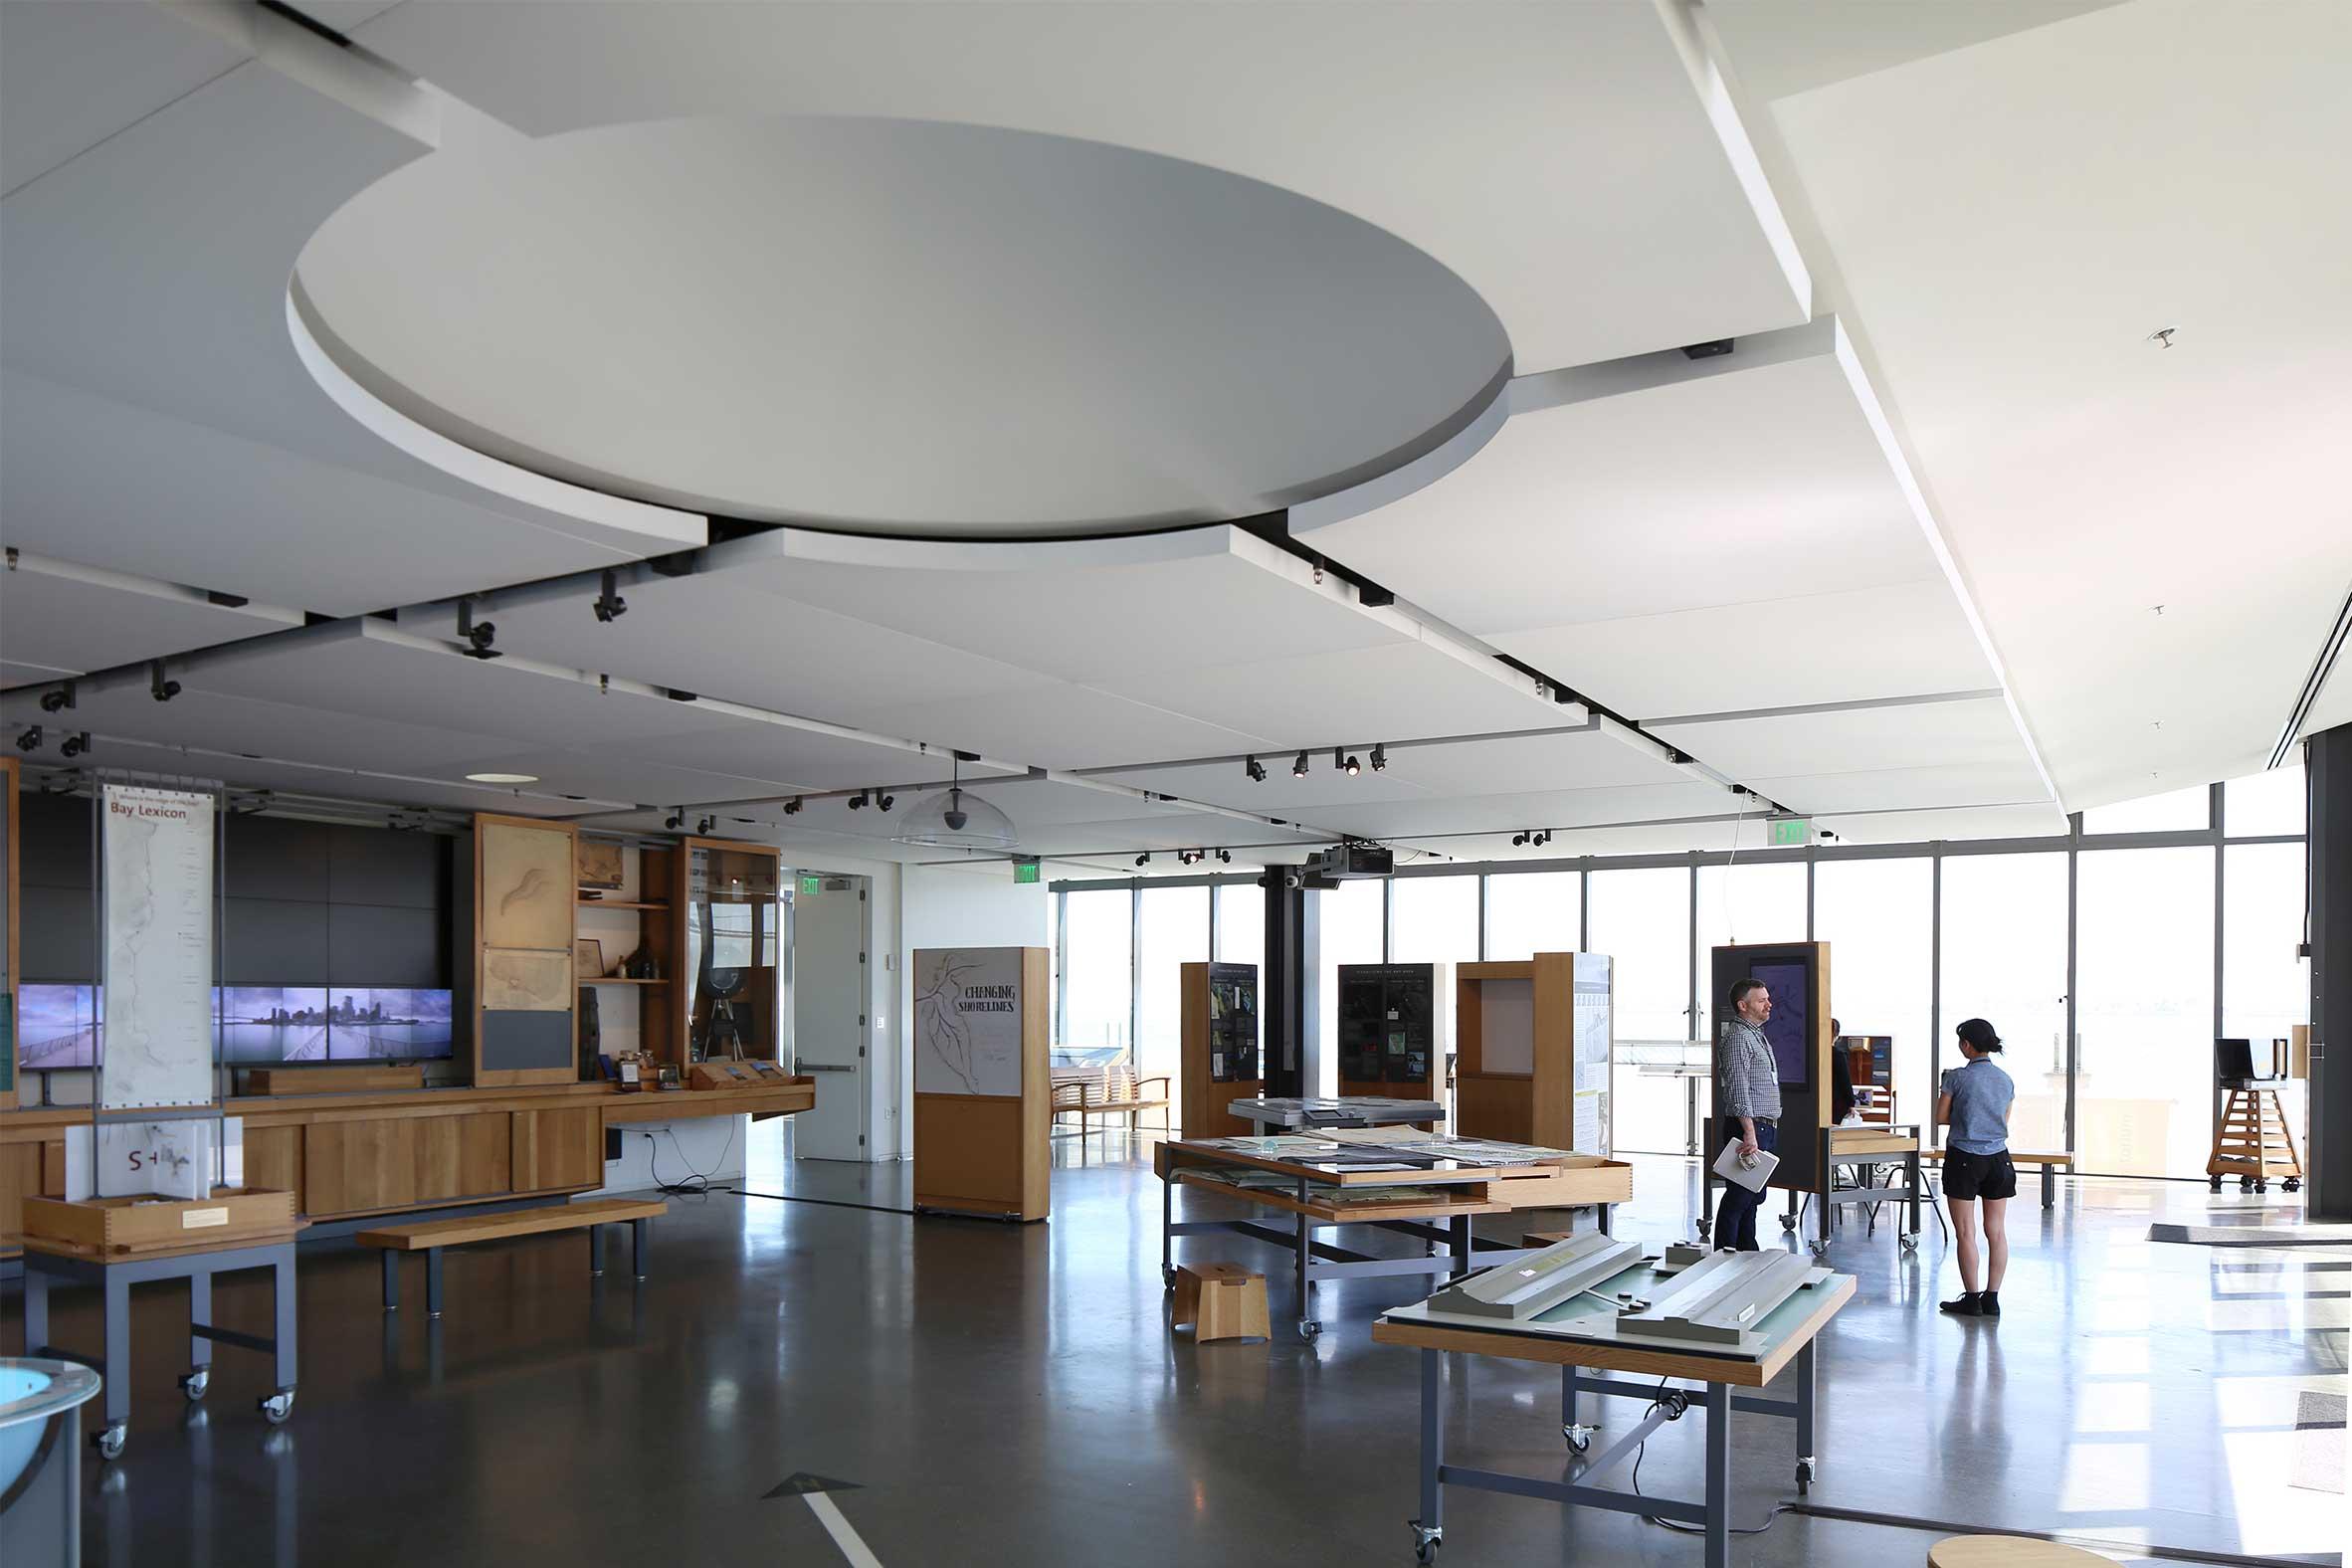 Interior Exhibit at The Exploratorium San Francisco